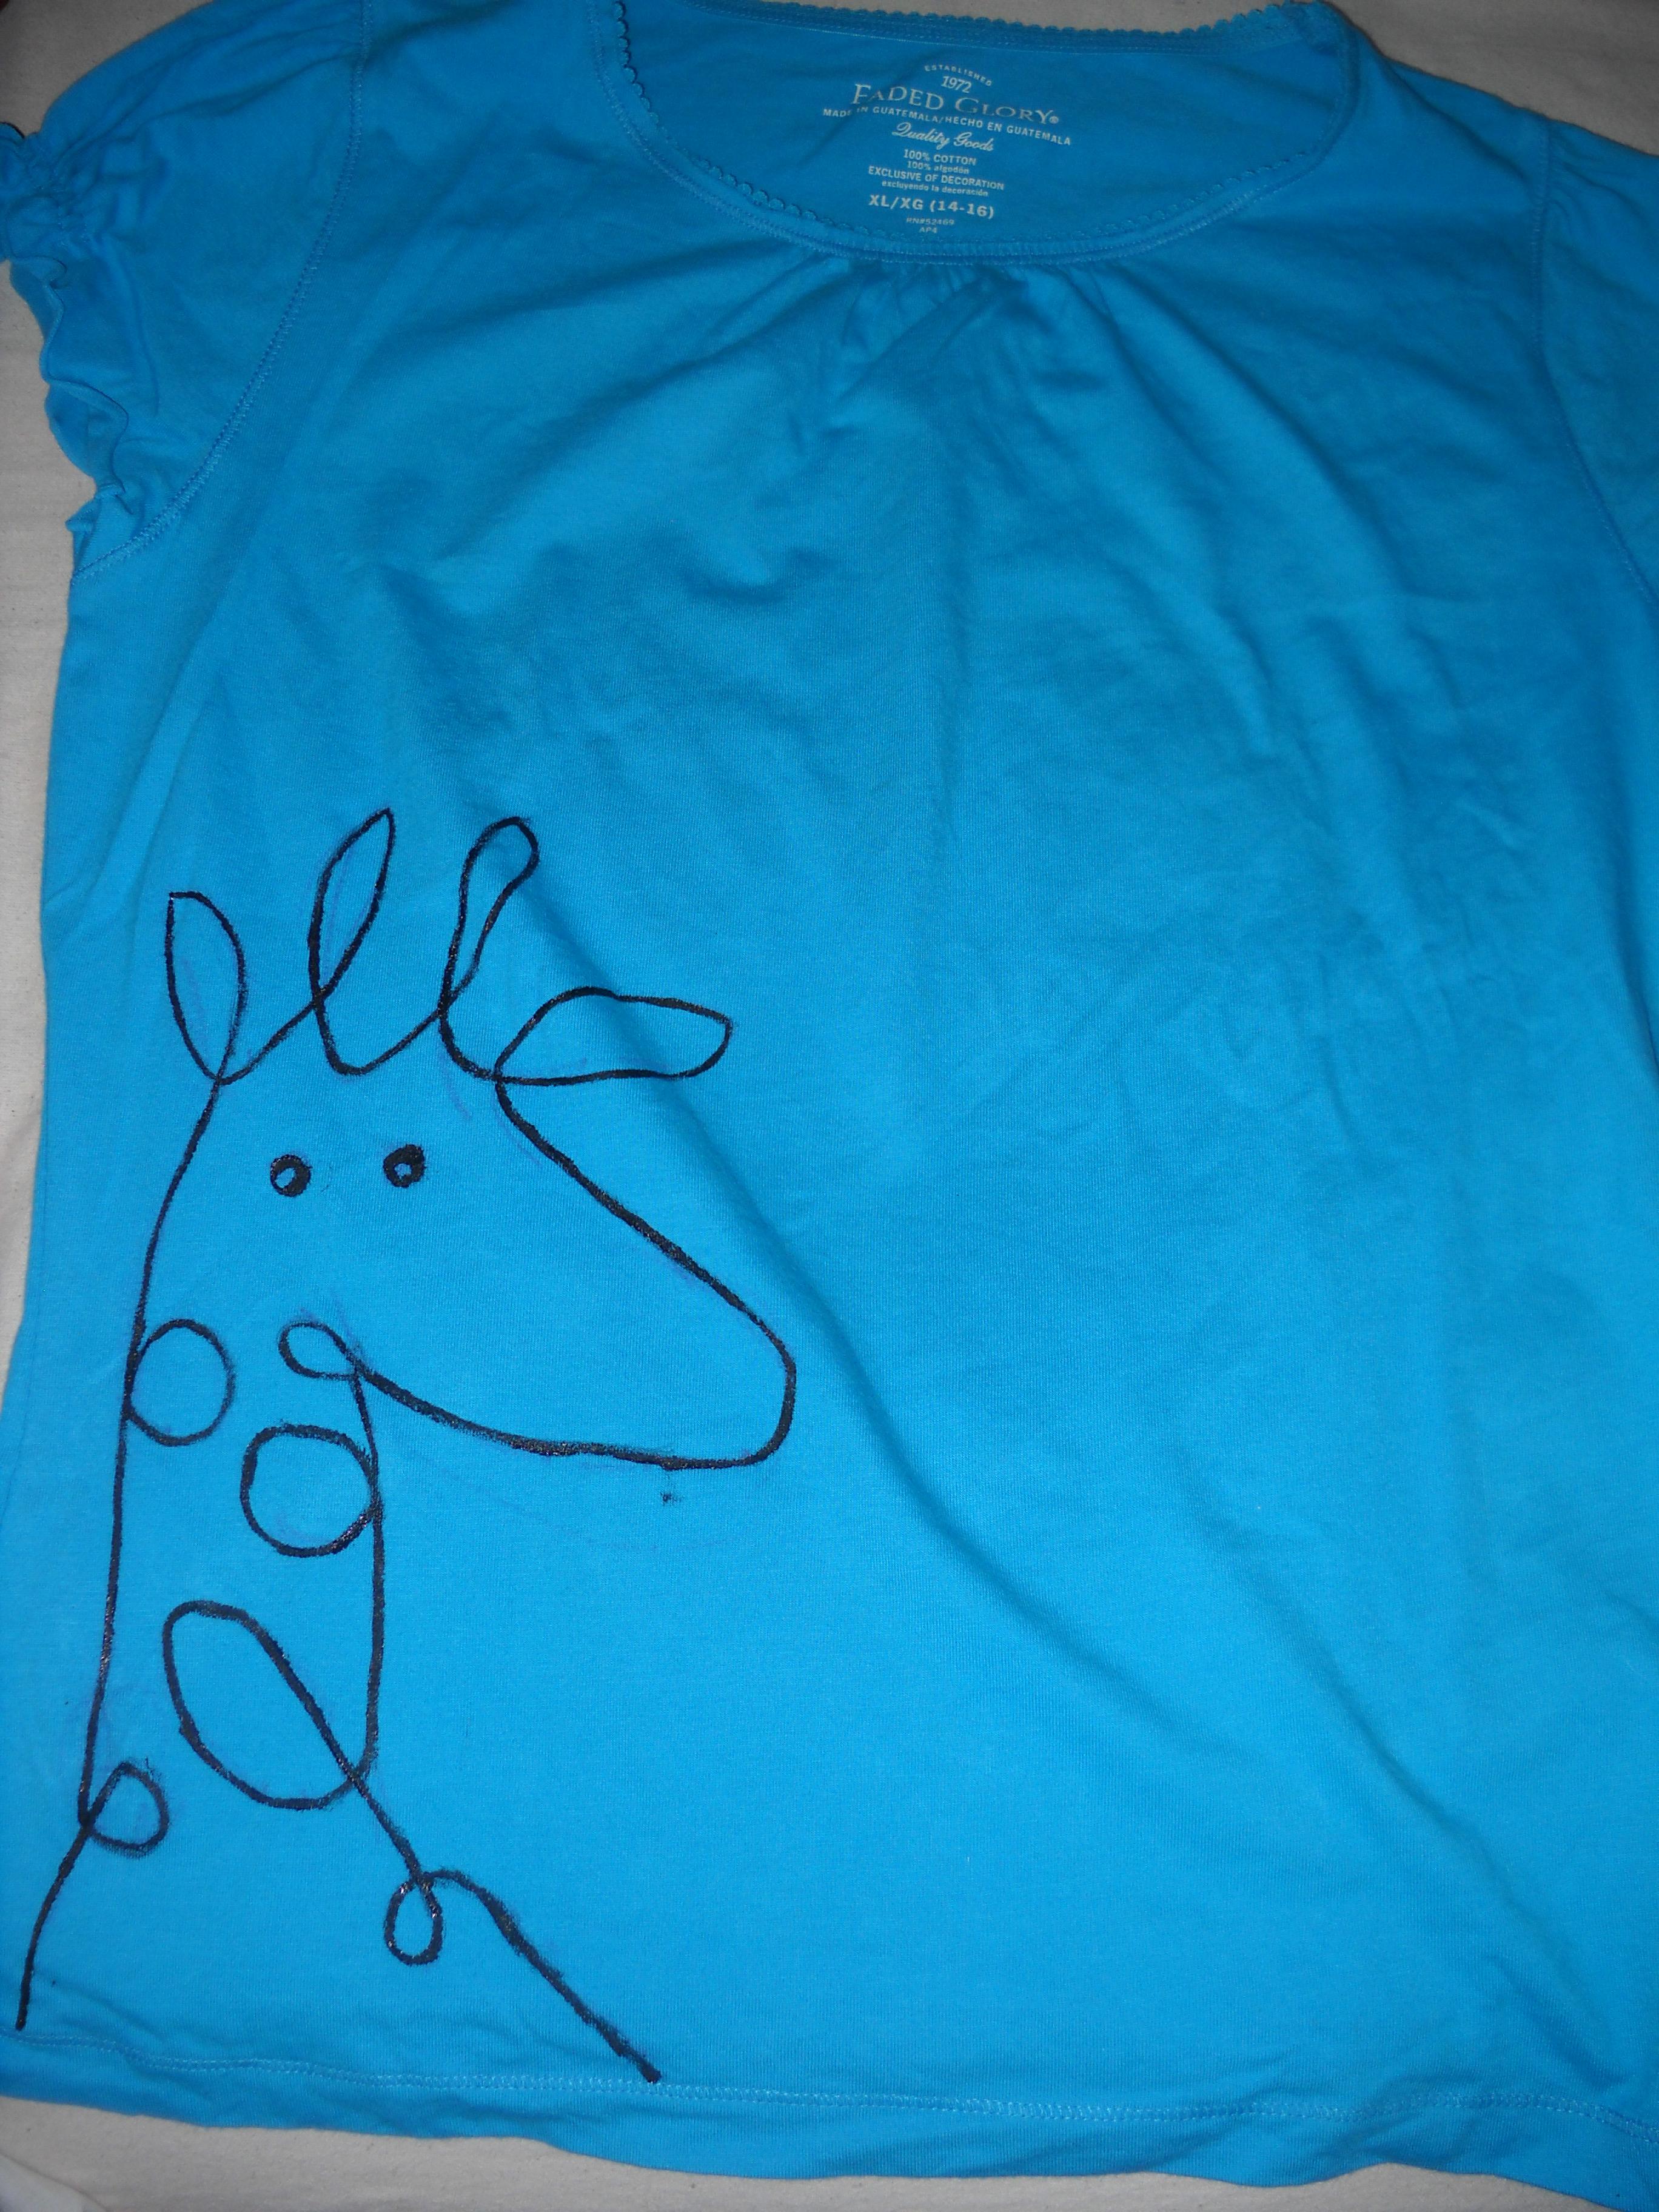 Doodle Giraffe Shirt